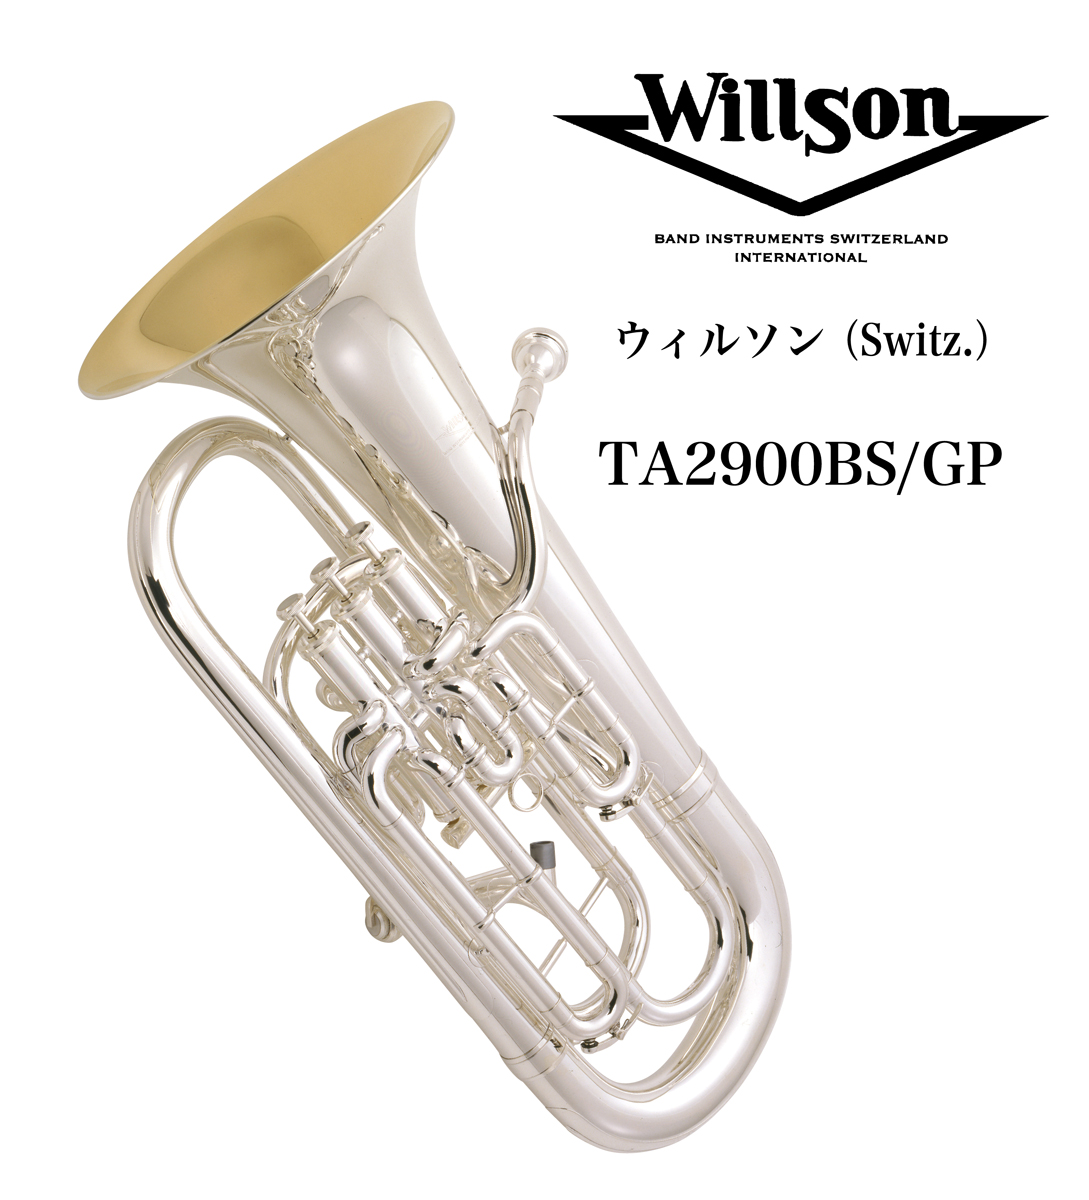 ユーフォニアム ウィルソン(Switz.)TA2900BS/GP